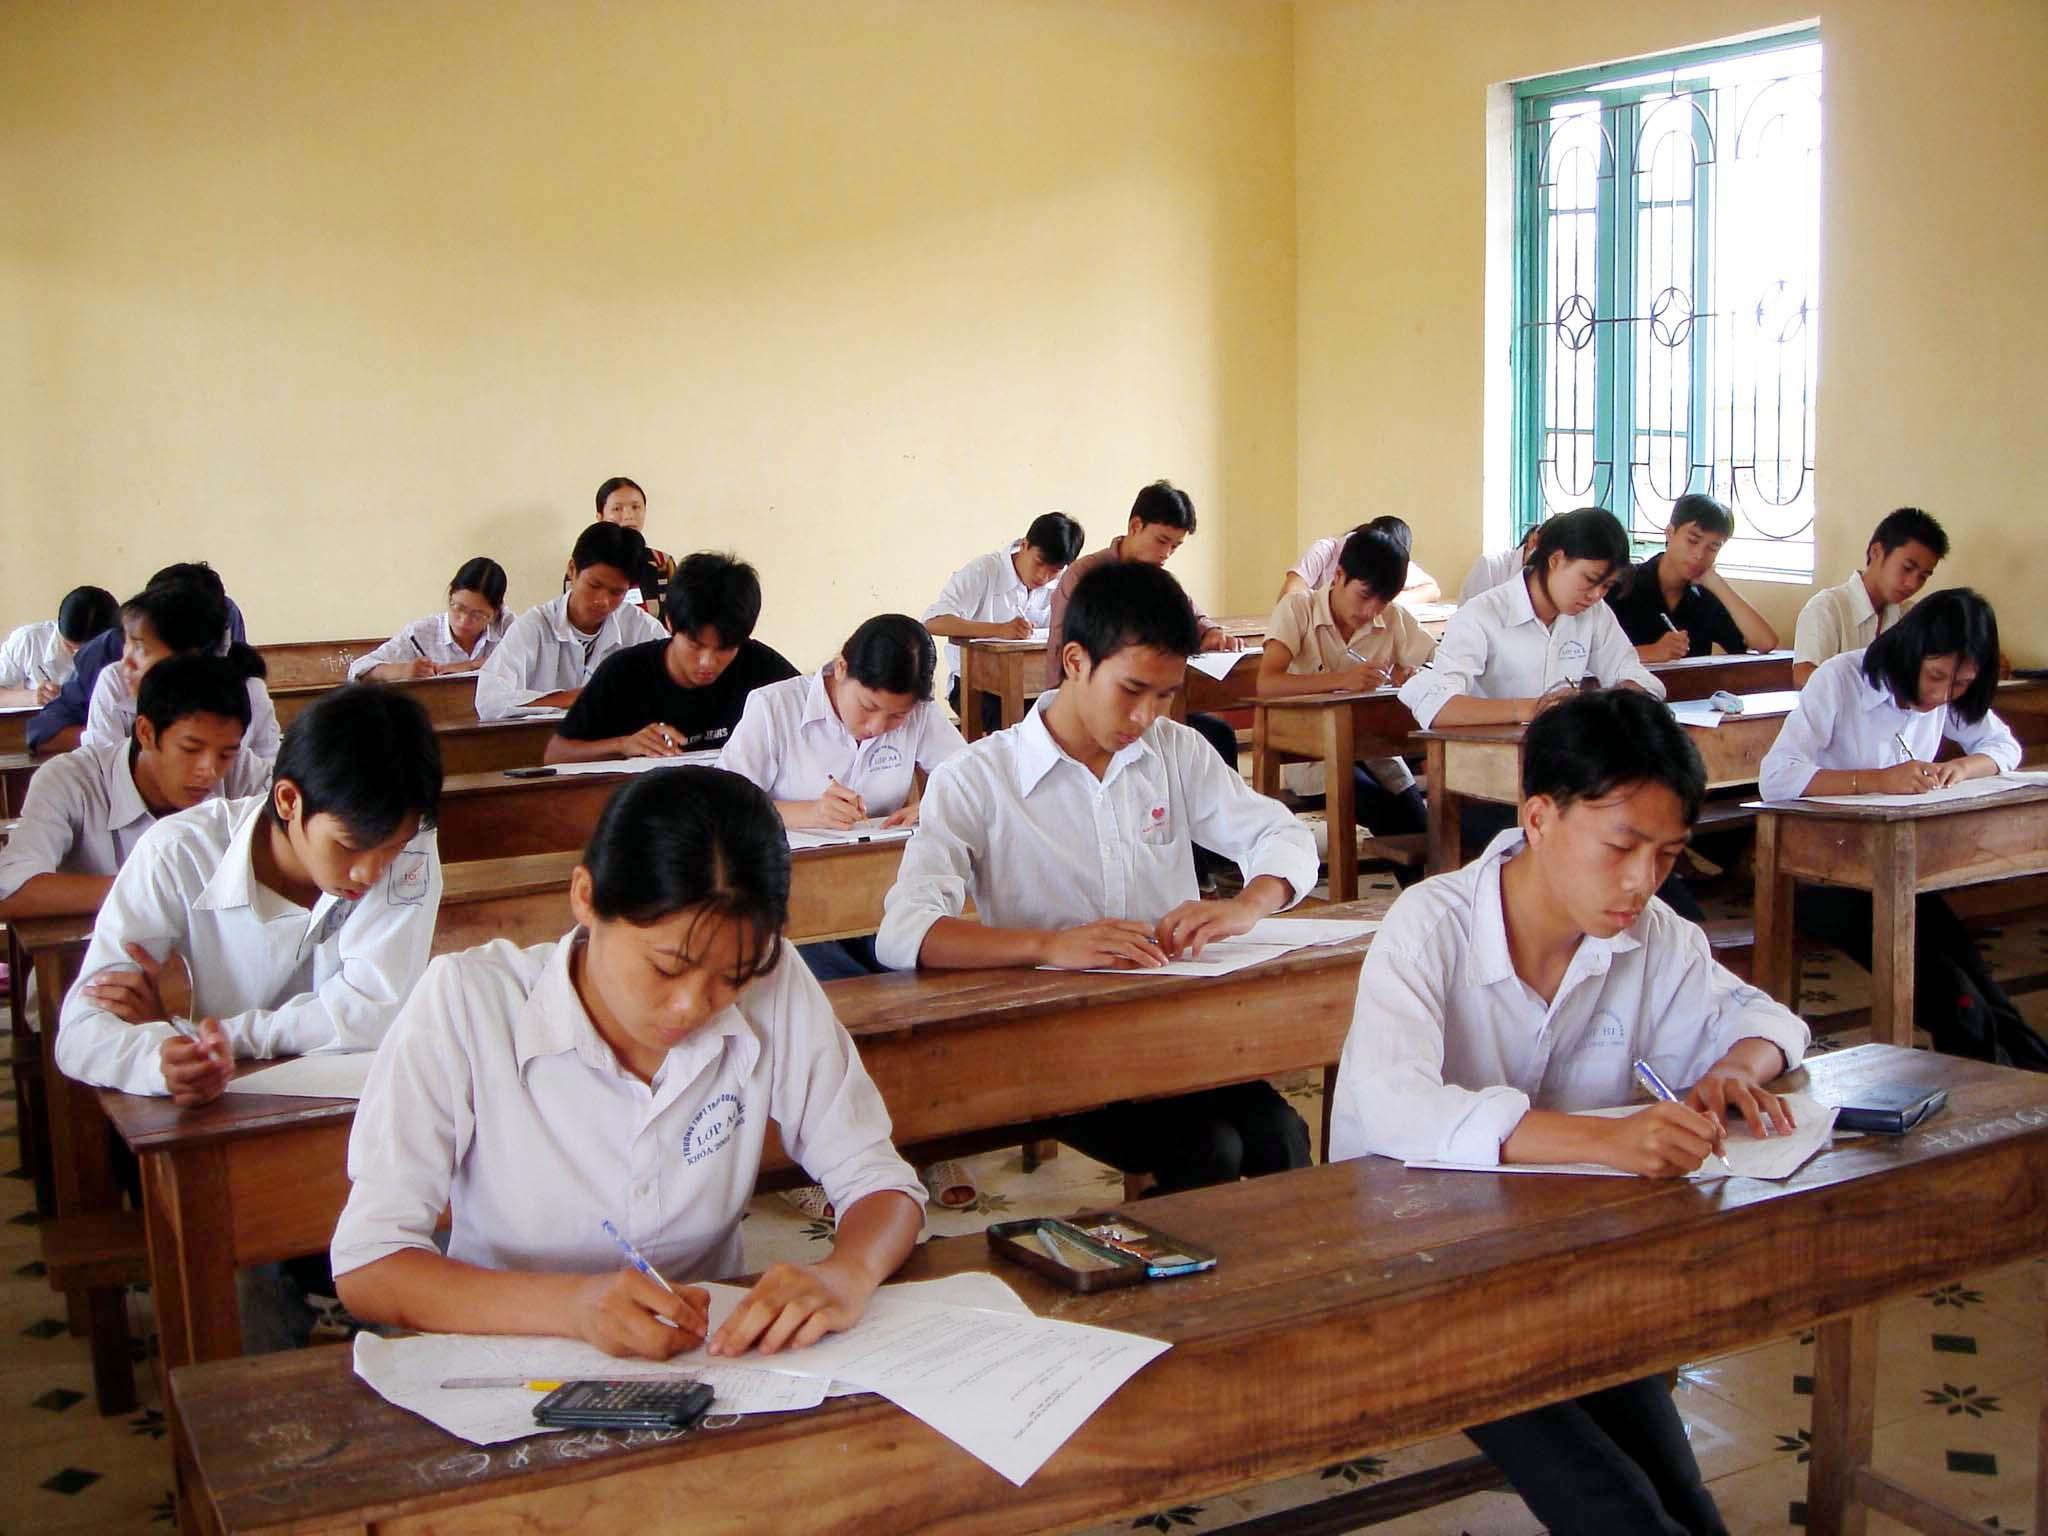 Đề thi giữa kì 1 môn Hóa Học lớp 10 - THPT Nguyễn Văn Cừ năm 2015